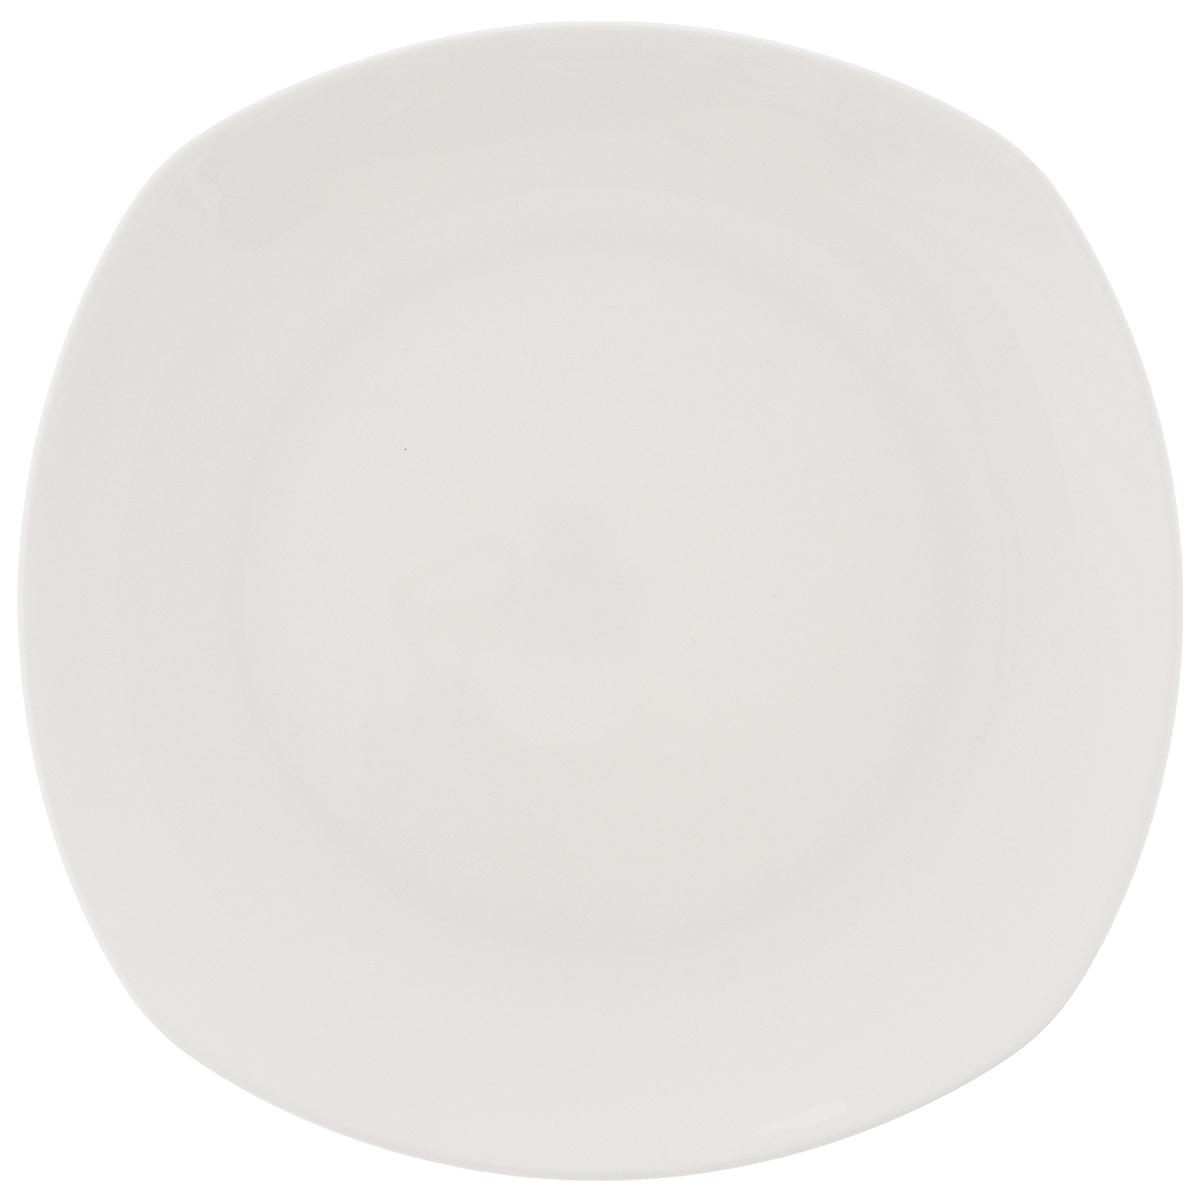 Тарелка Wilmax, 16,5 х 16,5 смWL-991000 / AТарелка Wilmax, изготовленная из высококачественного фарфора, имеет оригинальную форму. Она прекрасно впишется в интерьер вашей кухни и станет достойным дополнением к кухонному инвентарю. Тарелка Wilmax подчеркнет прекрасный вкус хозяйки и станет отличным подарком.Можно мыть в посудомоечной машине и использовать в микроволновой печи. Размер тарелки (по верхнему краю): 16,5 х 16,5 см.